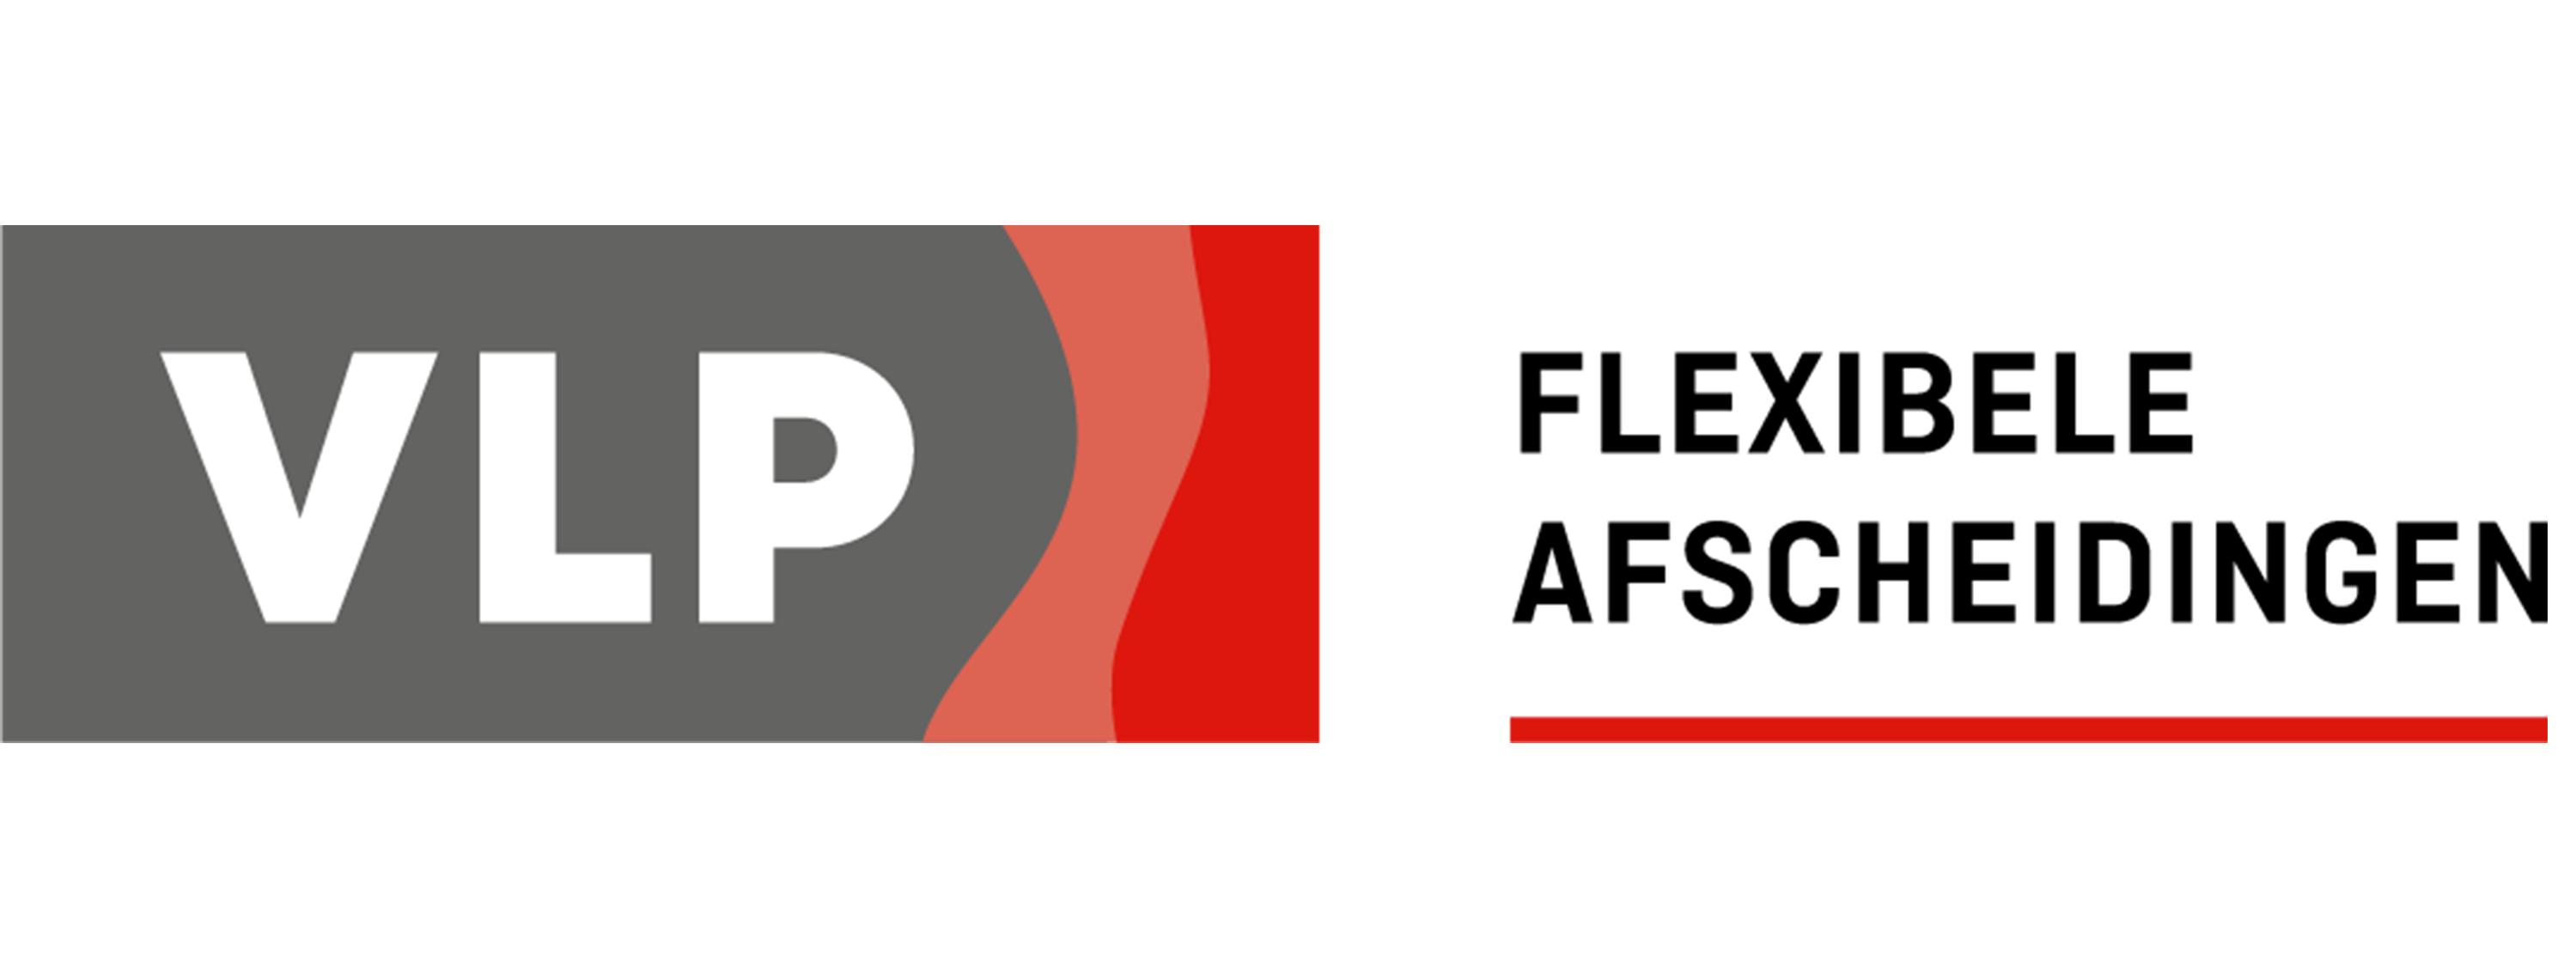 VLP Webshop